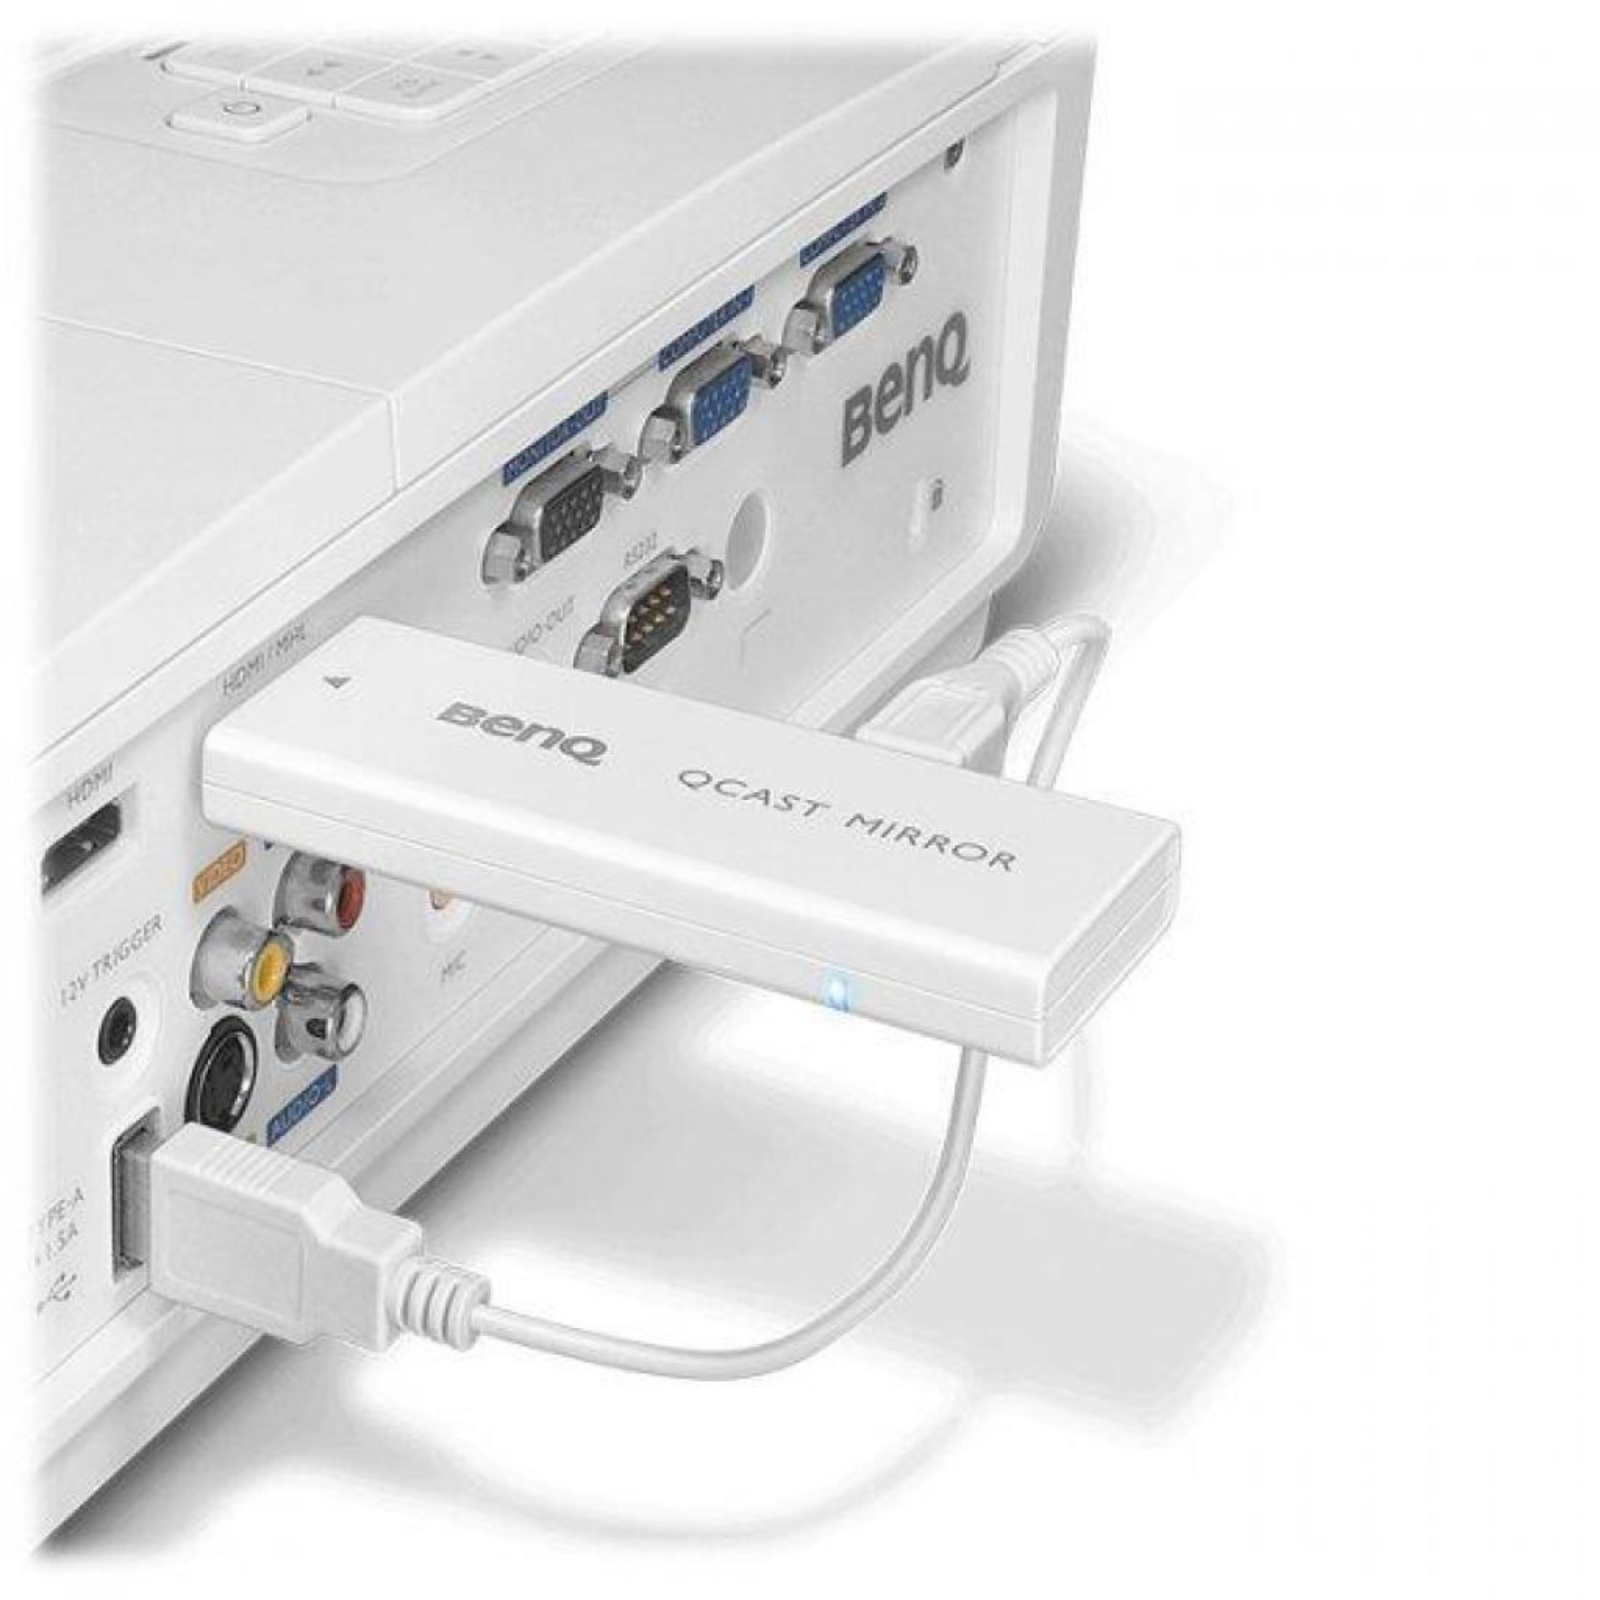 Беспроводной адаптер BenQ QCAST(QP20) (5A.JH328.10E) изображение 6